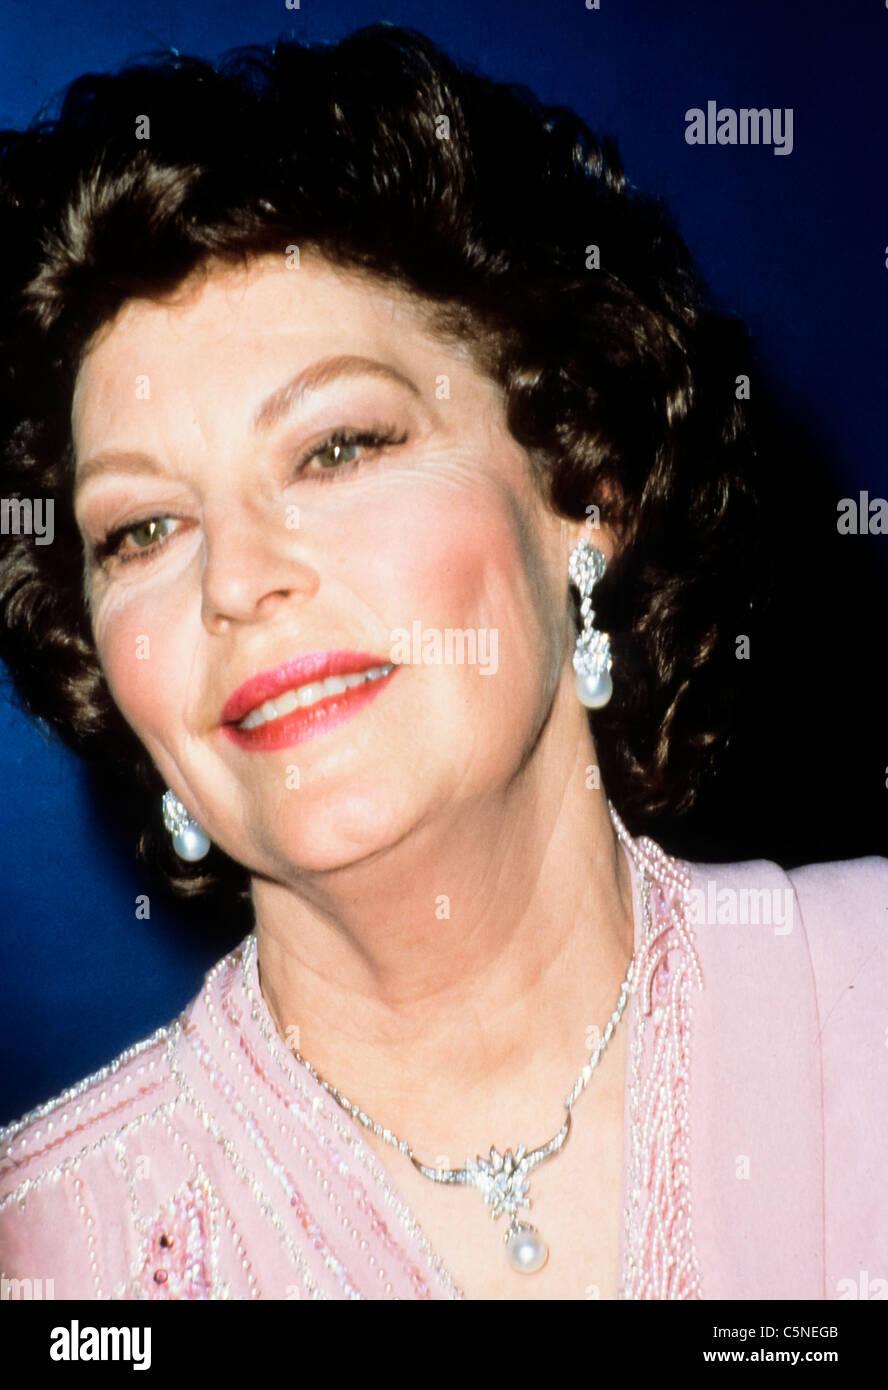 ava gardner, 1980 Stock Photo: 37966443 - Alamy Ava Gardner 1989